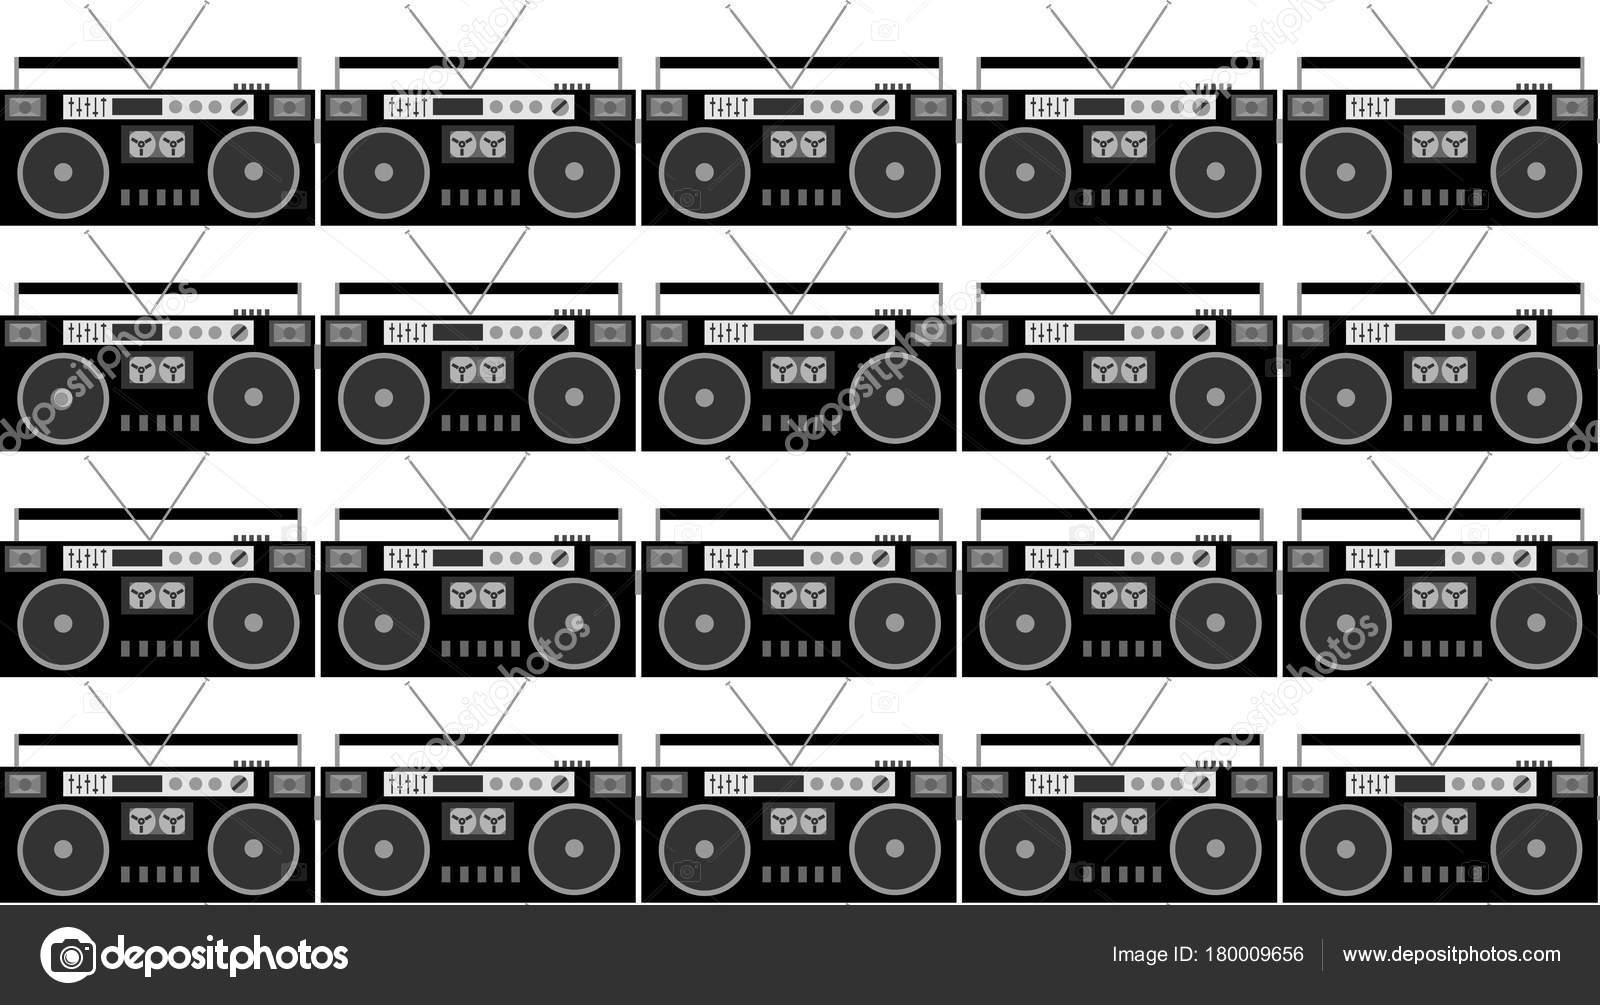 patrn blanco negro gris hipster hermosos vintage retros audio registradores archivo imgenes vectoriales - Tabla Periodica A Blanco Y Negro